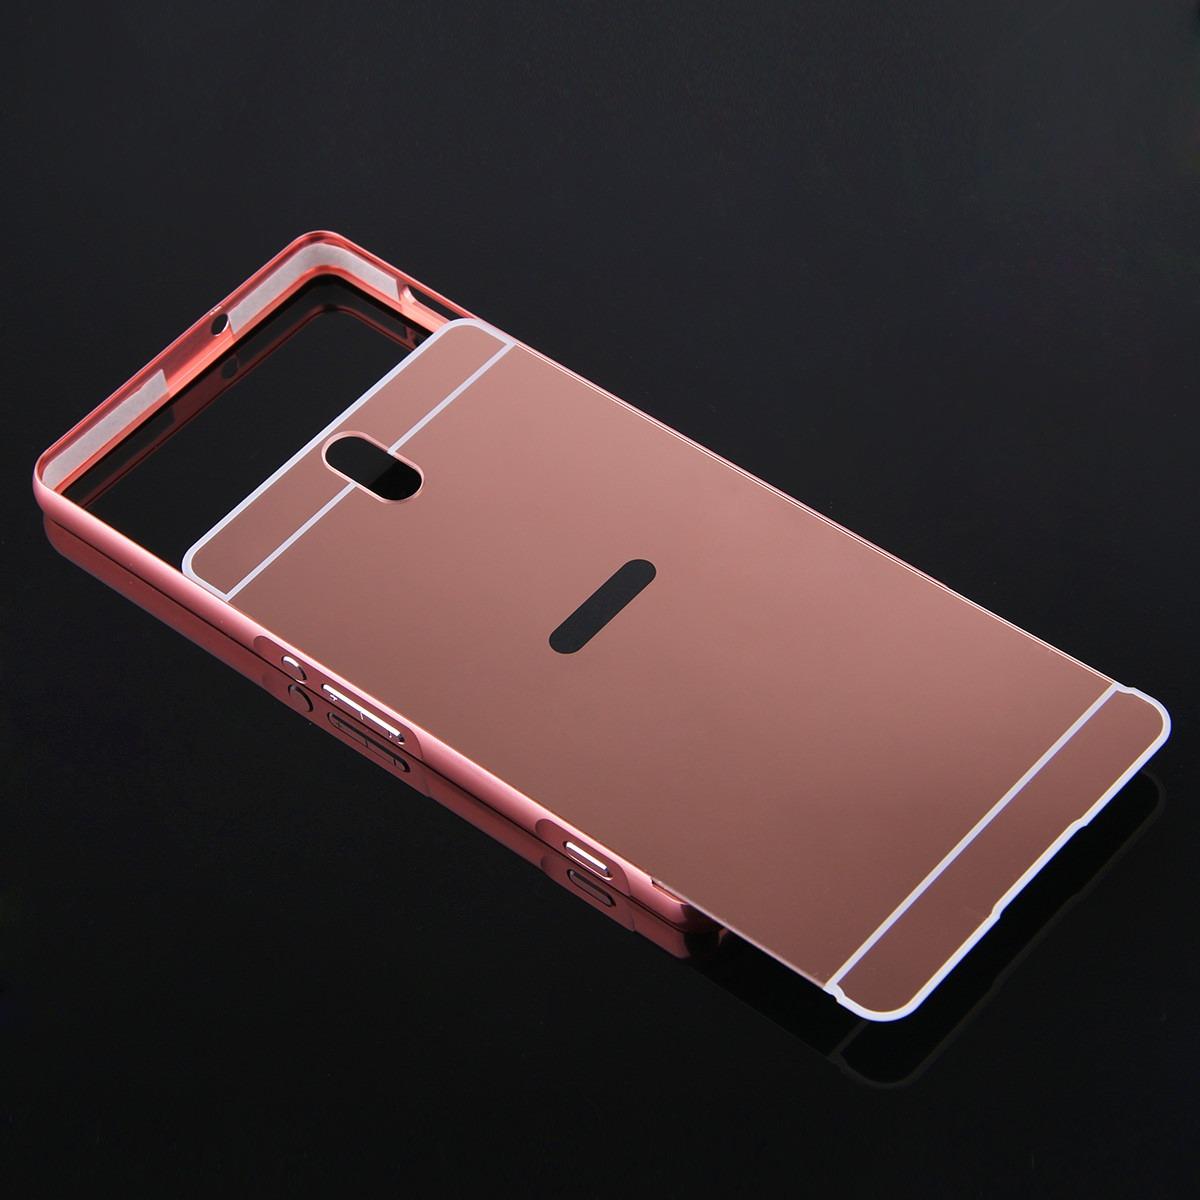 Funda aluminio espejo xperia c5 ultra la mejor calidad en mercado libre - Aluminio espejo ...